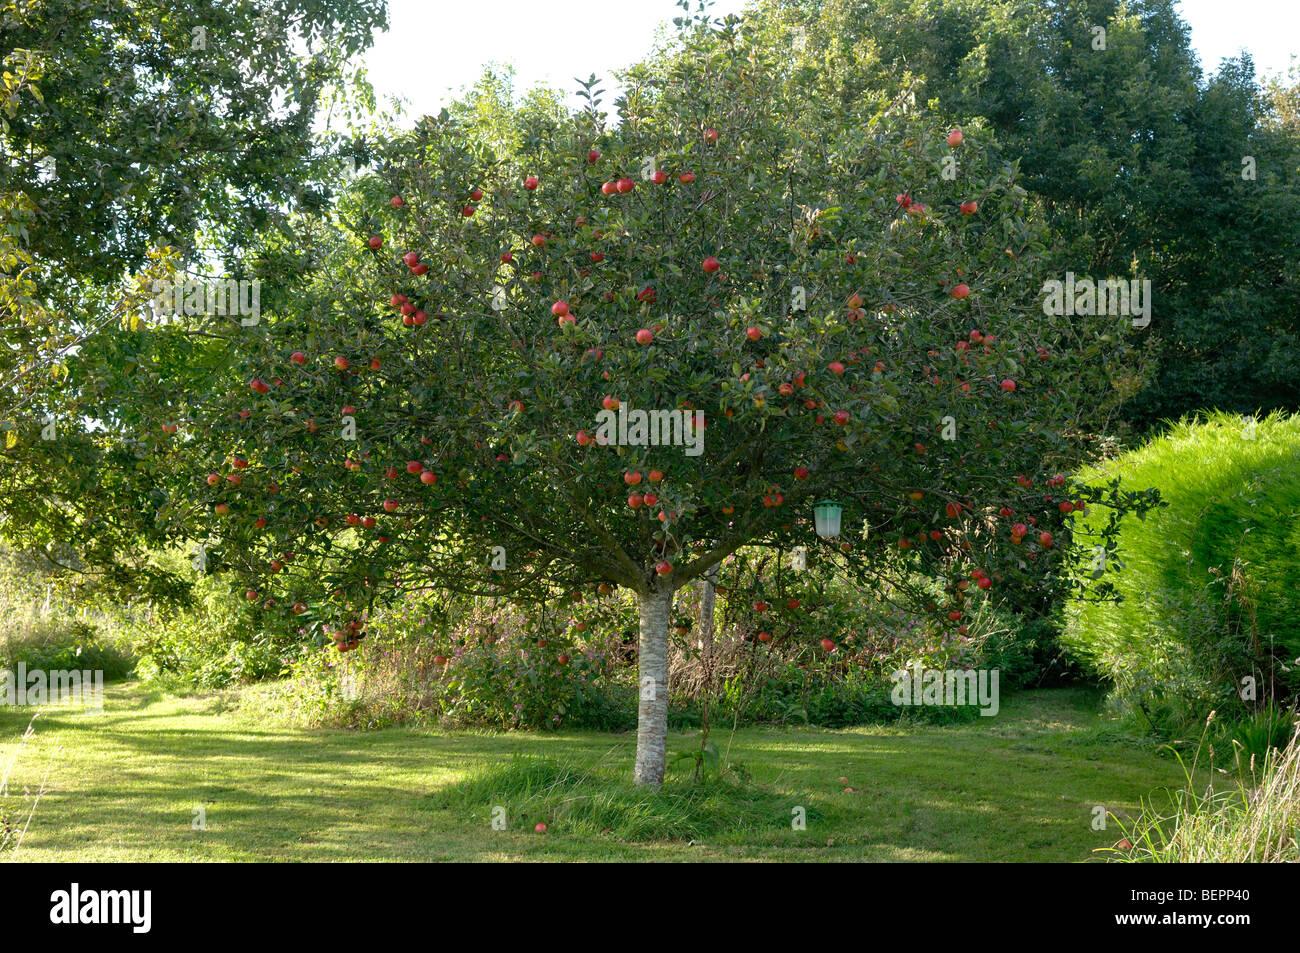 Ben formato rotondo piccolo scoperta melo con frutti maturi rossi, Devon Immagini Stock